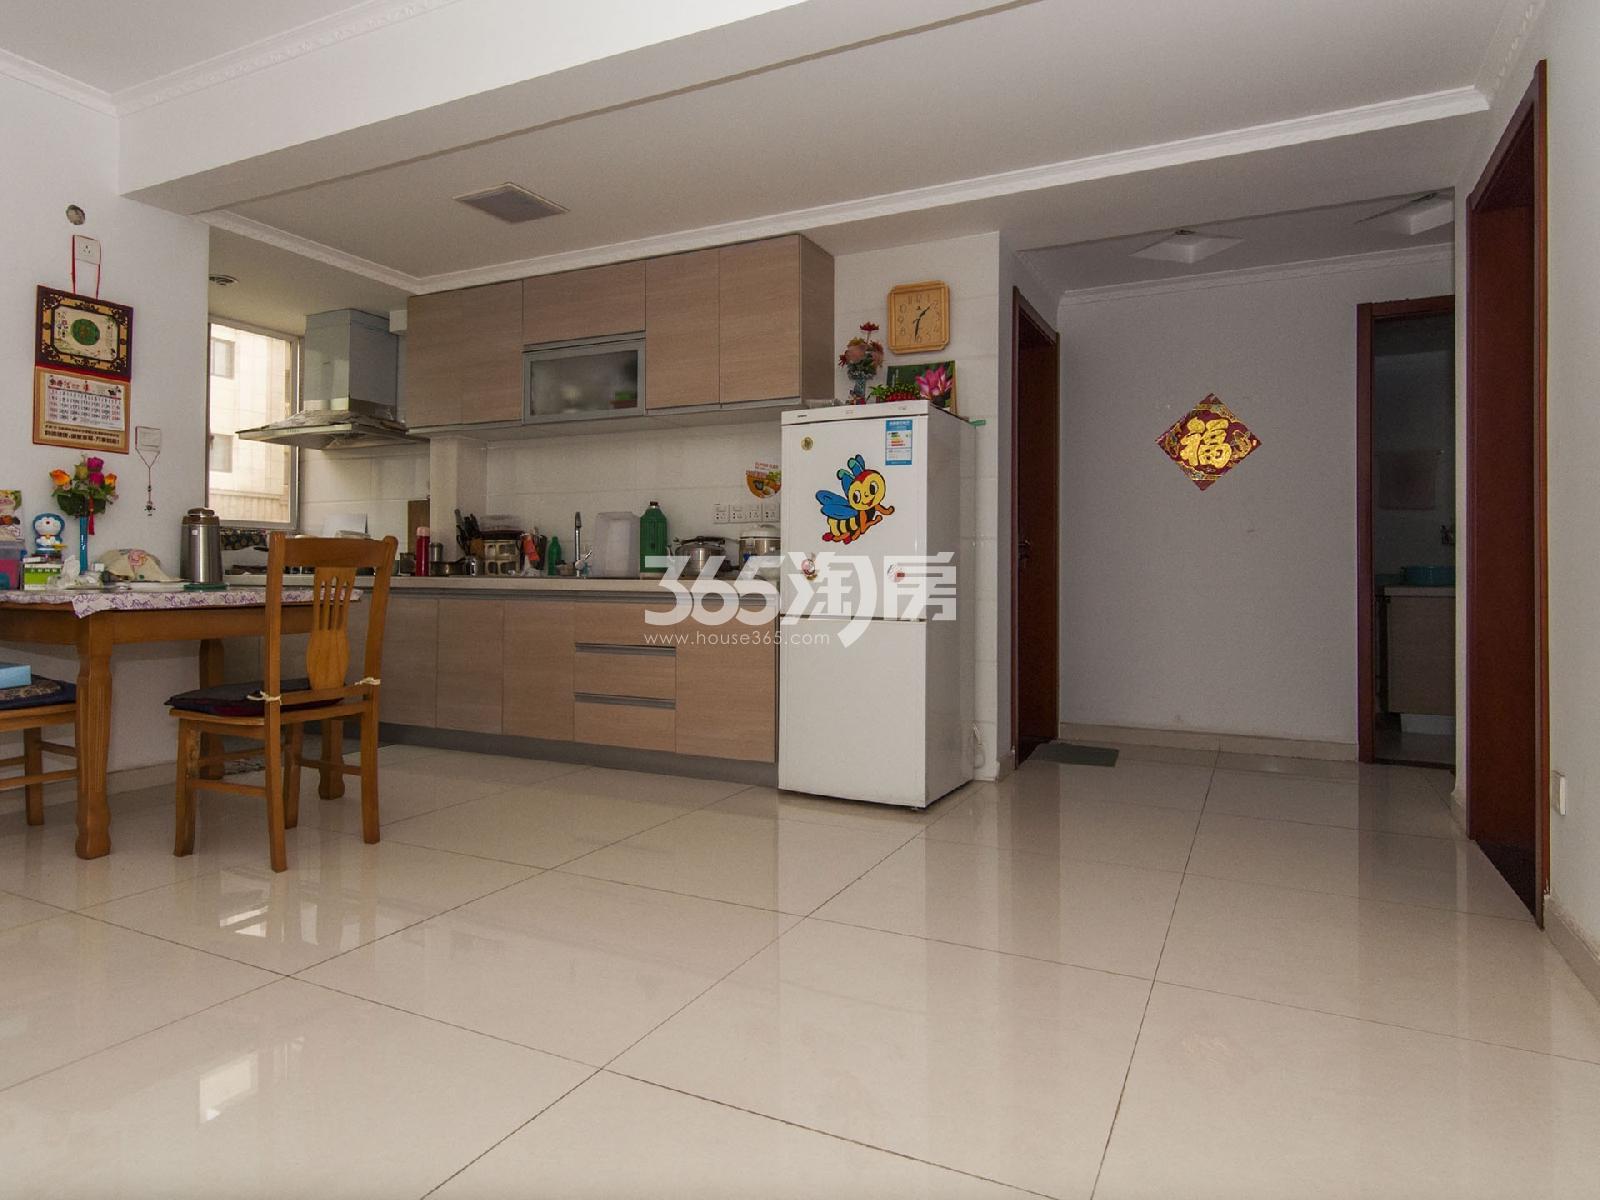 云谷山庄3室1厅1卫82.44平米精装产权房2012年建